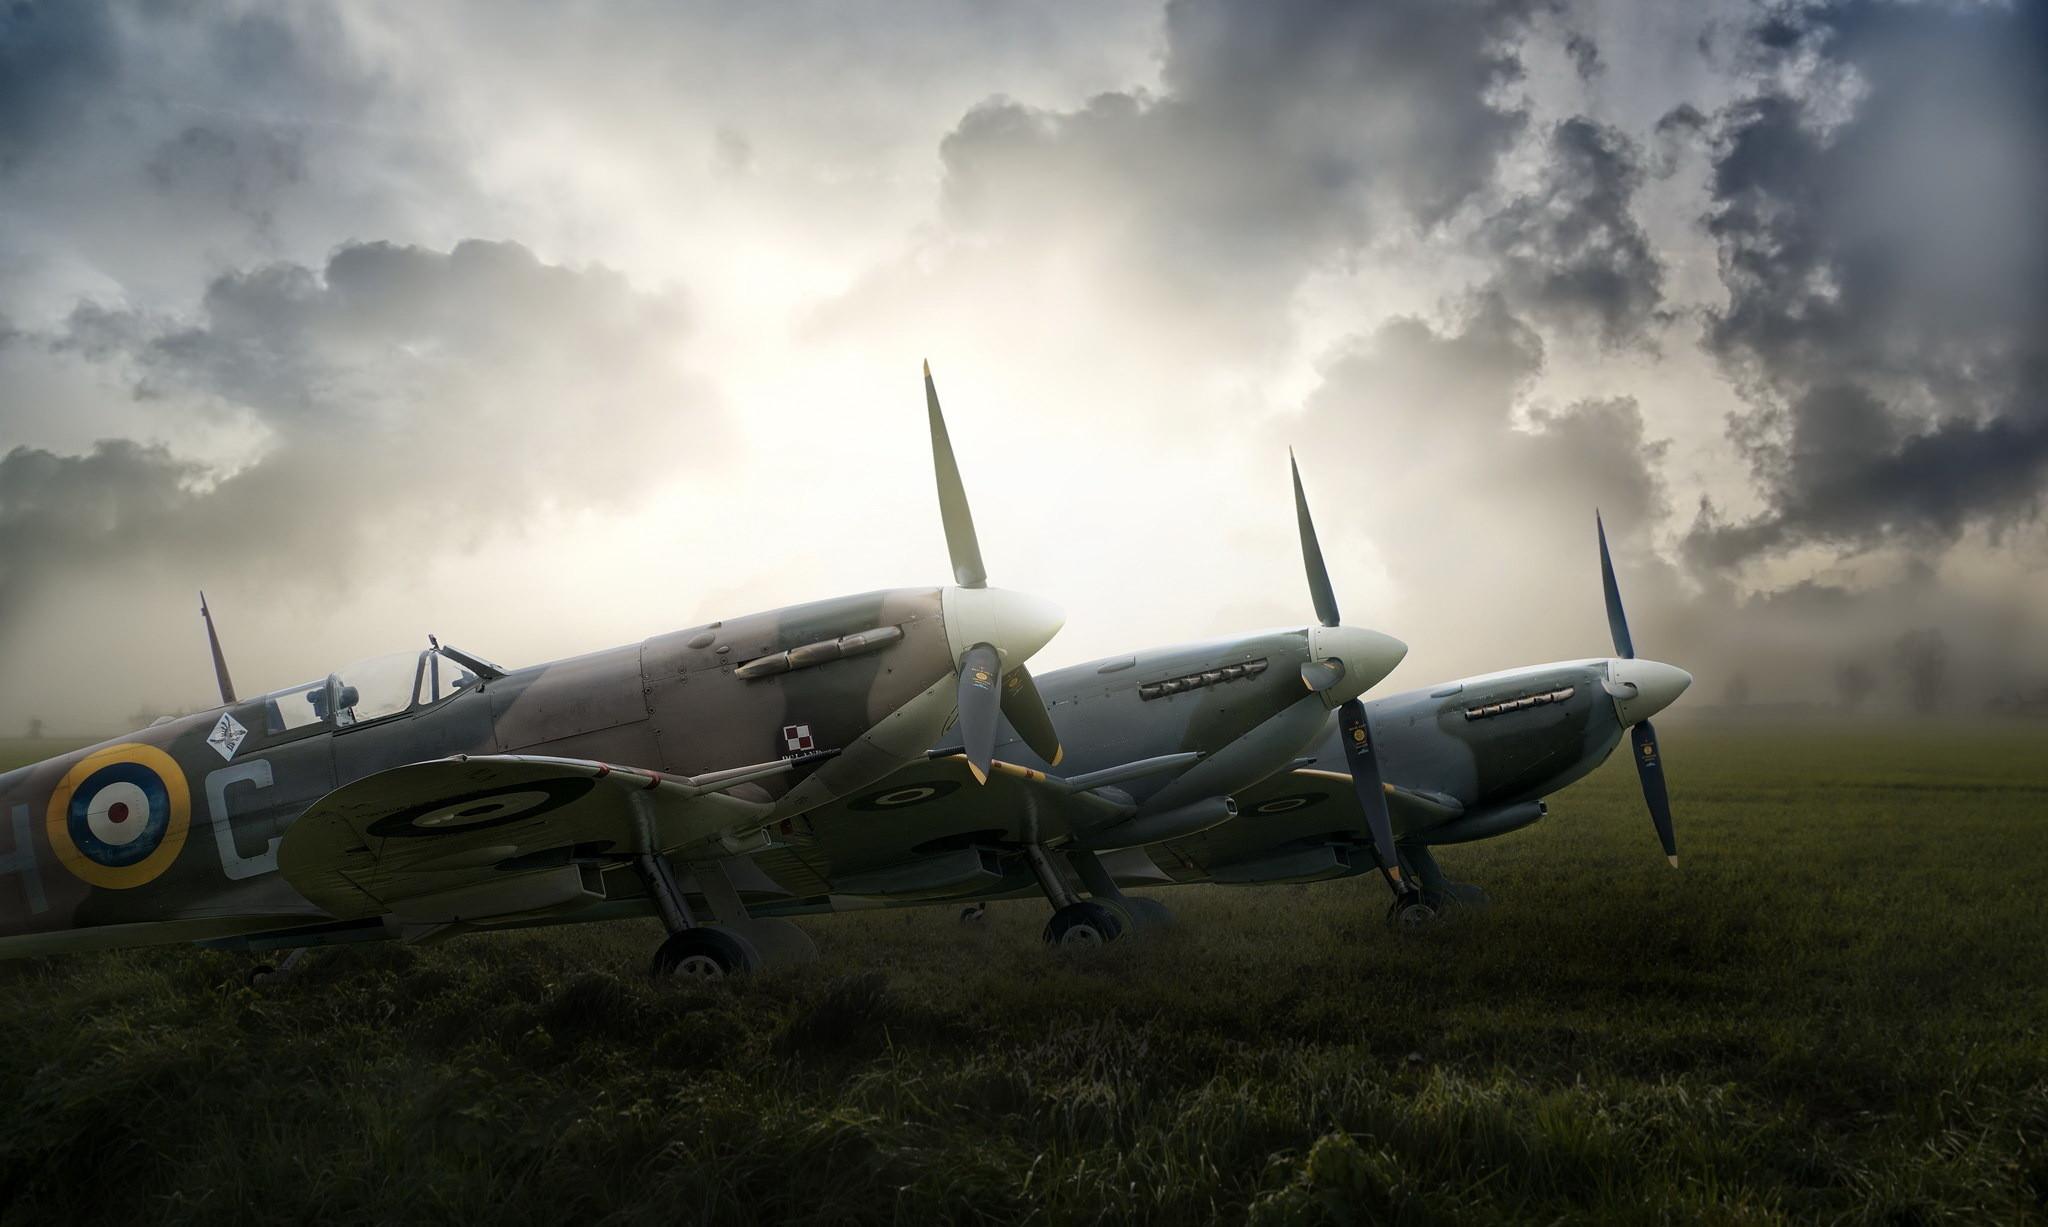 Res: 2048x1227, Supermarine Spitfire HD Wallpaper | Hintergrund |  | ID:724820 -  Wallpaper Abyss